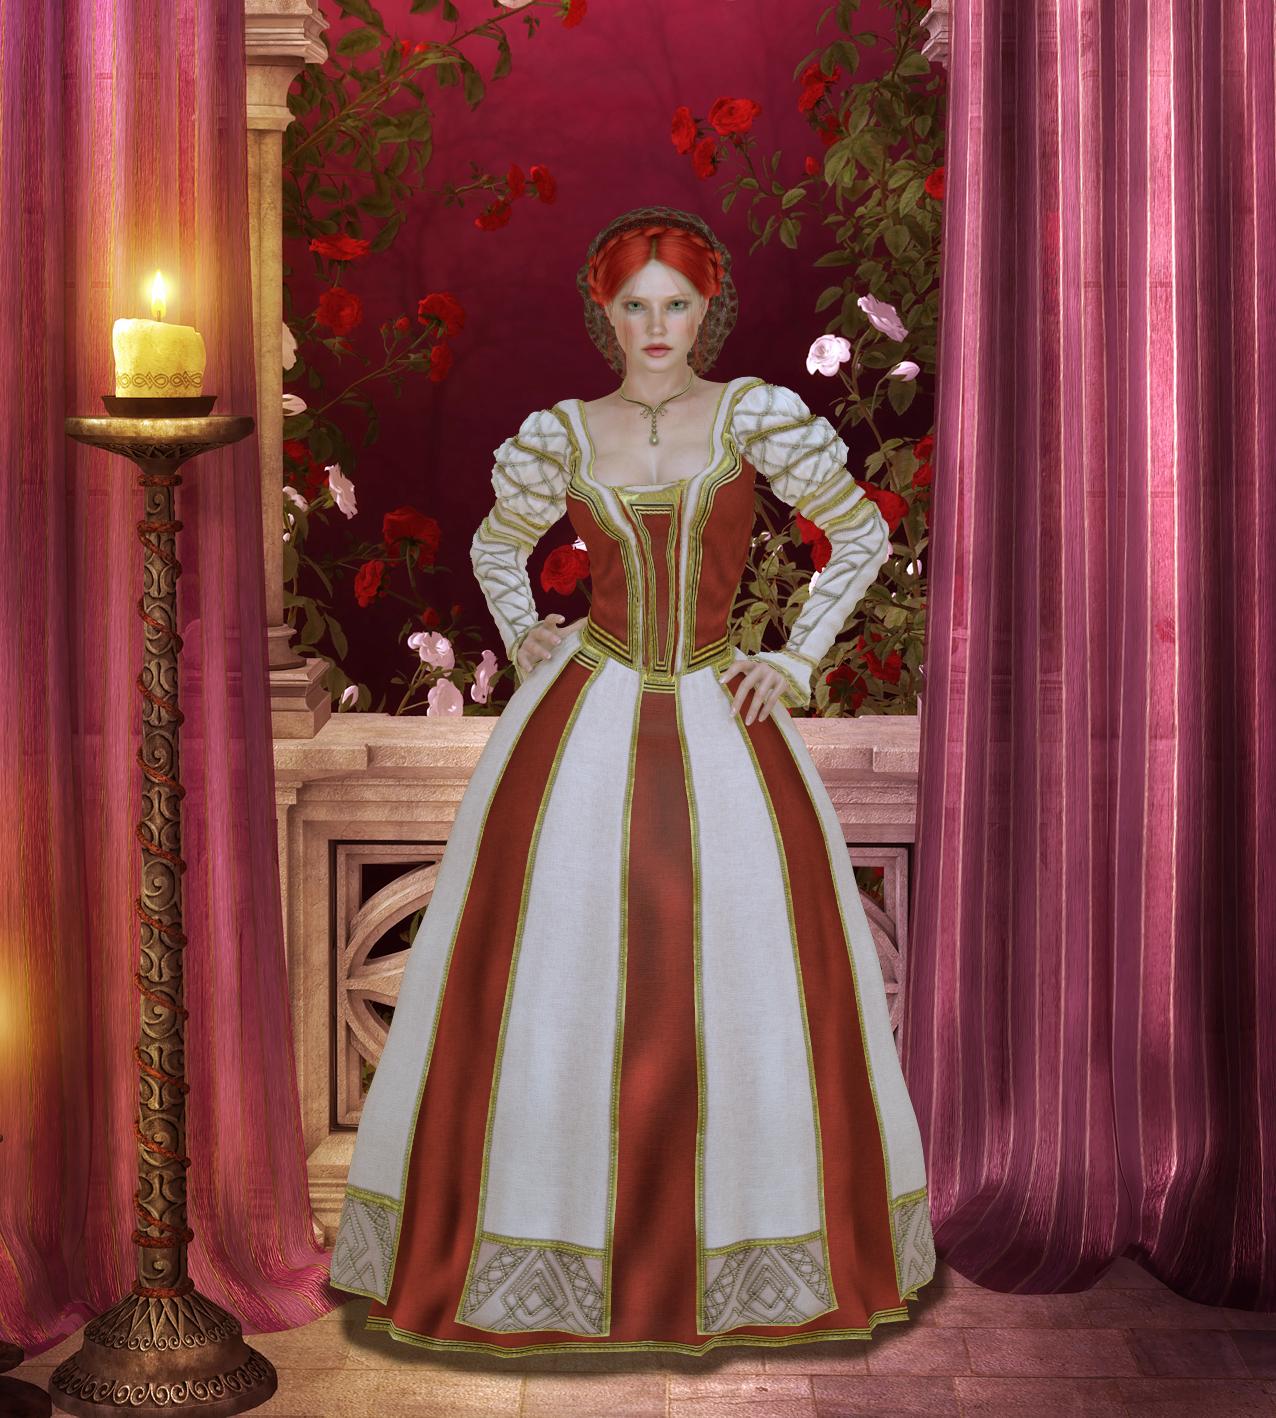 Vestido estilo Renascentista